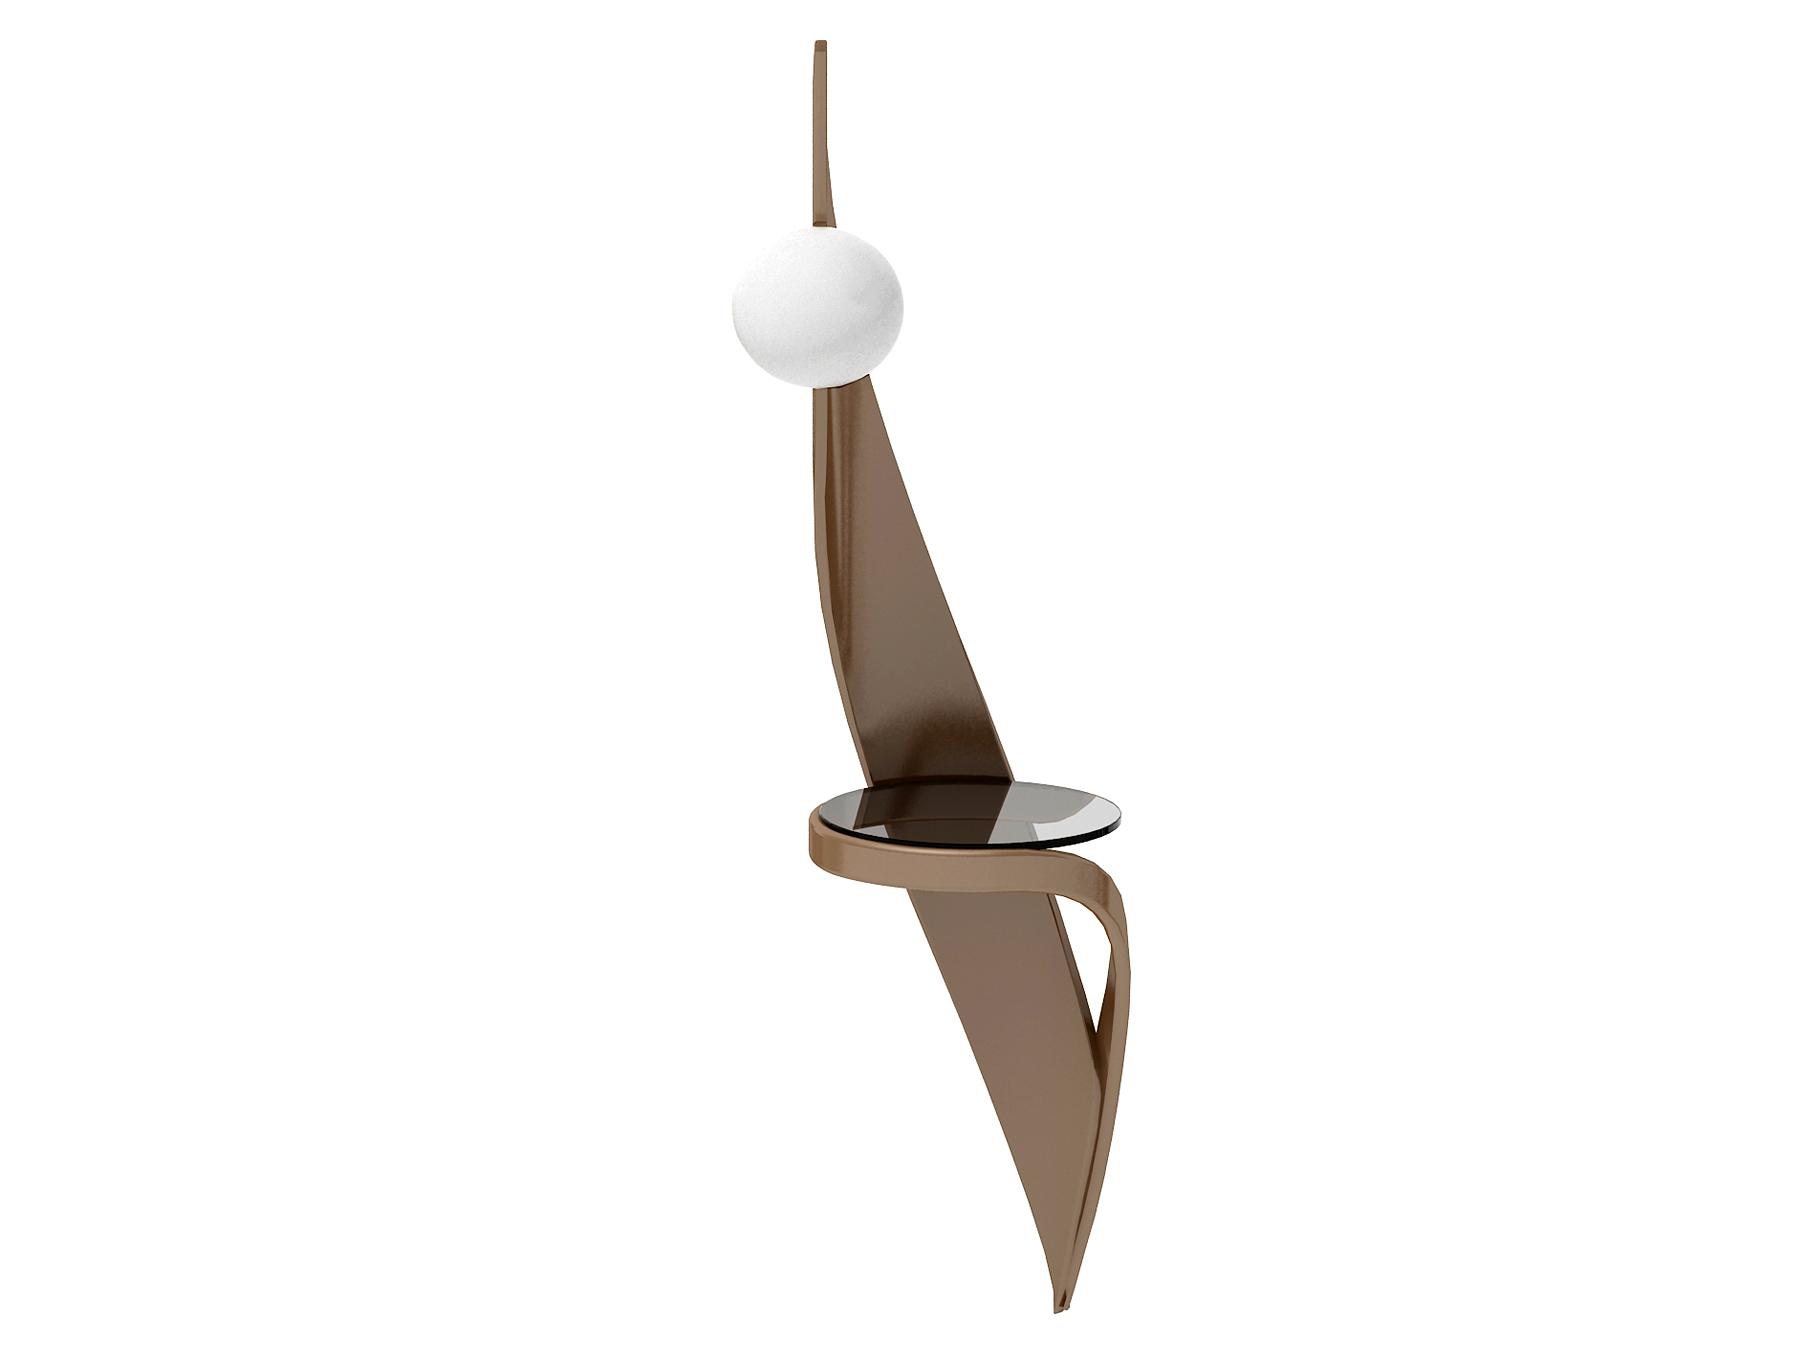 Бра virtuos (actualdesign) коричневый 24.0x24.0x24.0 см.